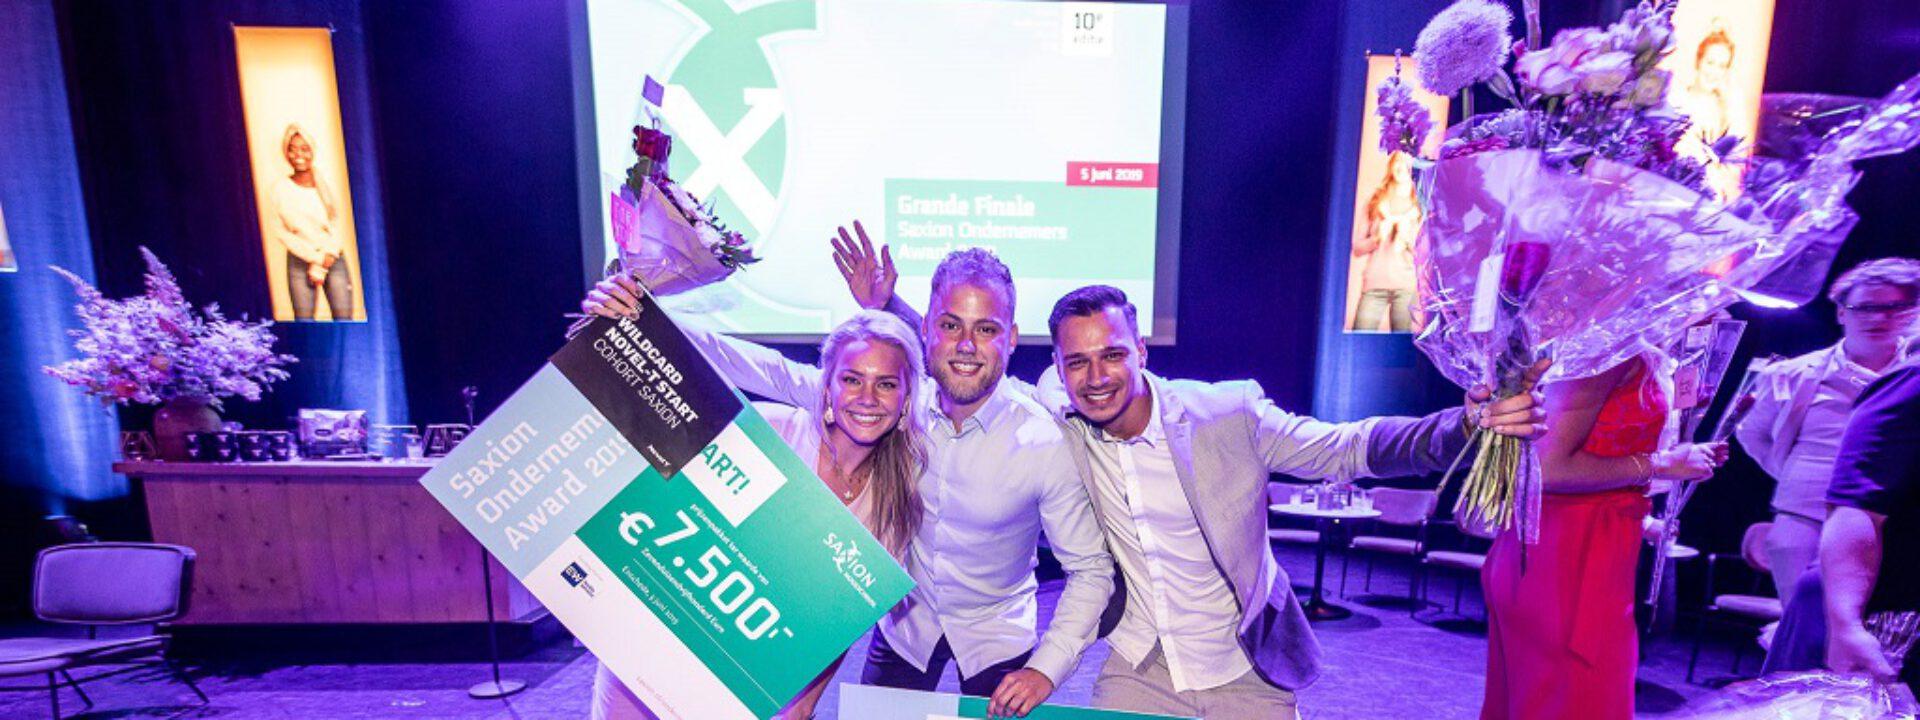 Jubileumeditie Saxion Ondernemers Award kent 2 winnaars